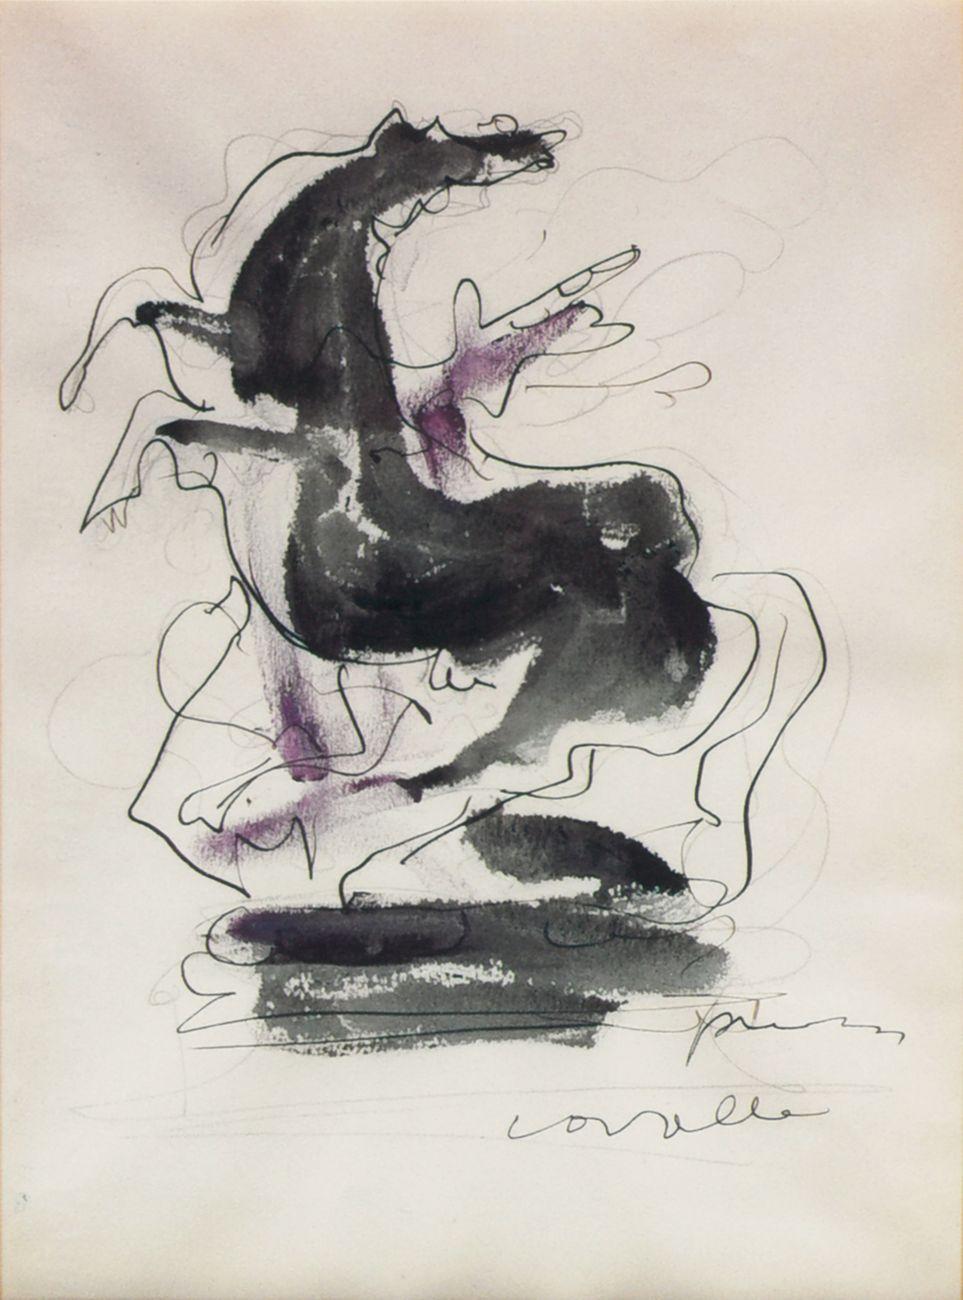 Lucio Fontana, Cavallo, 1954, inchiostro, matita e tempera su carta, 34x25 cm, Collezione privata, Milano